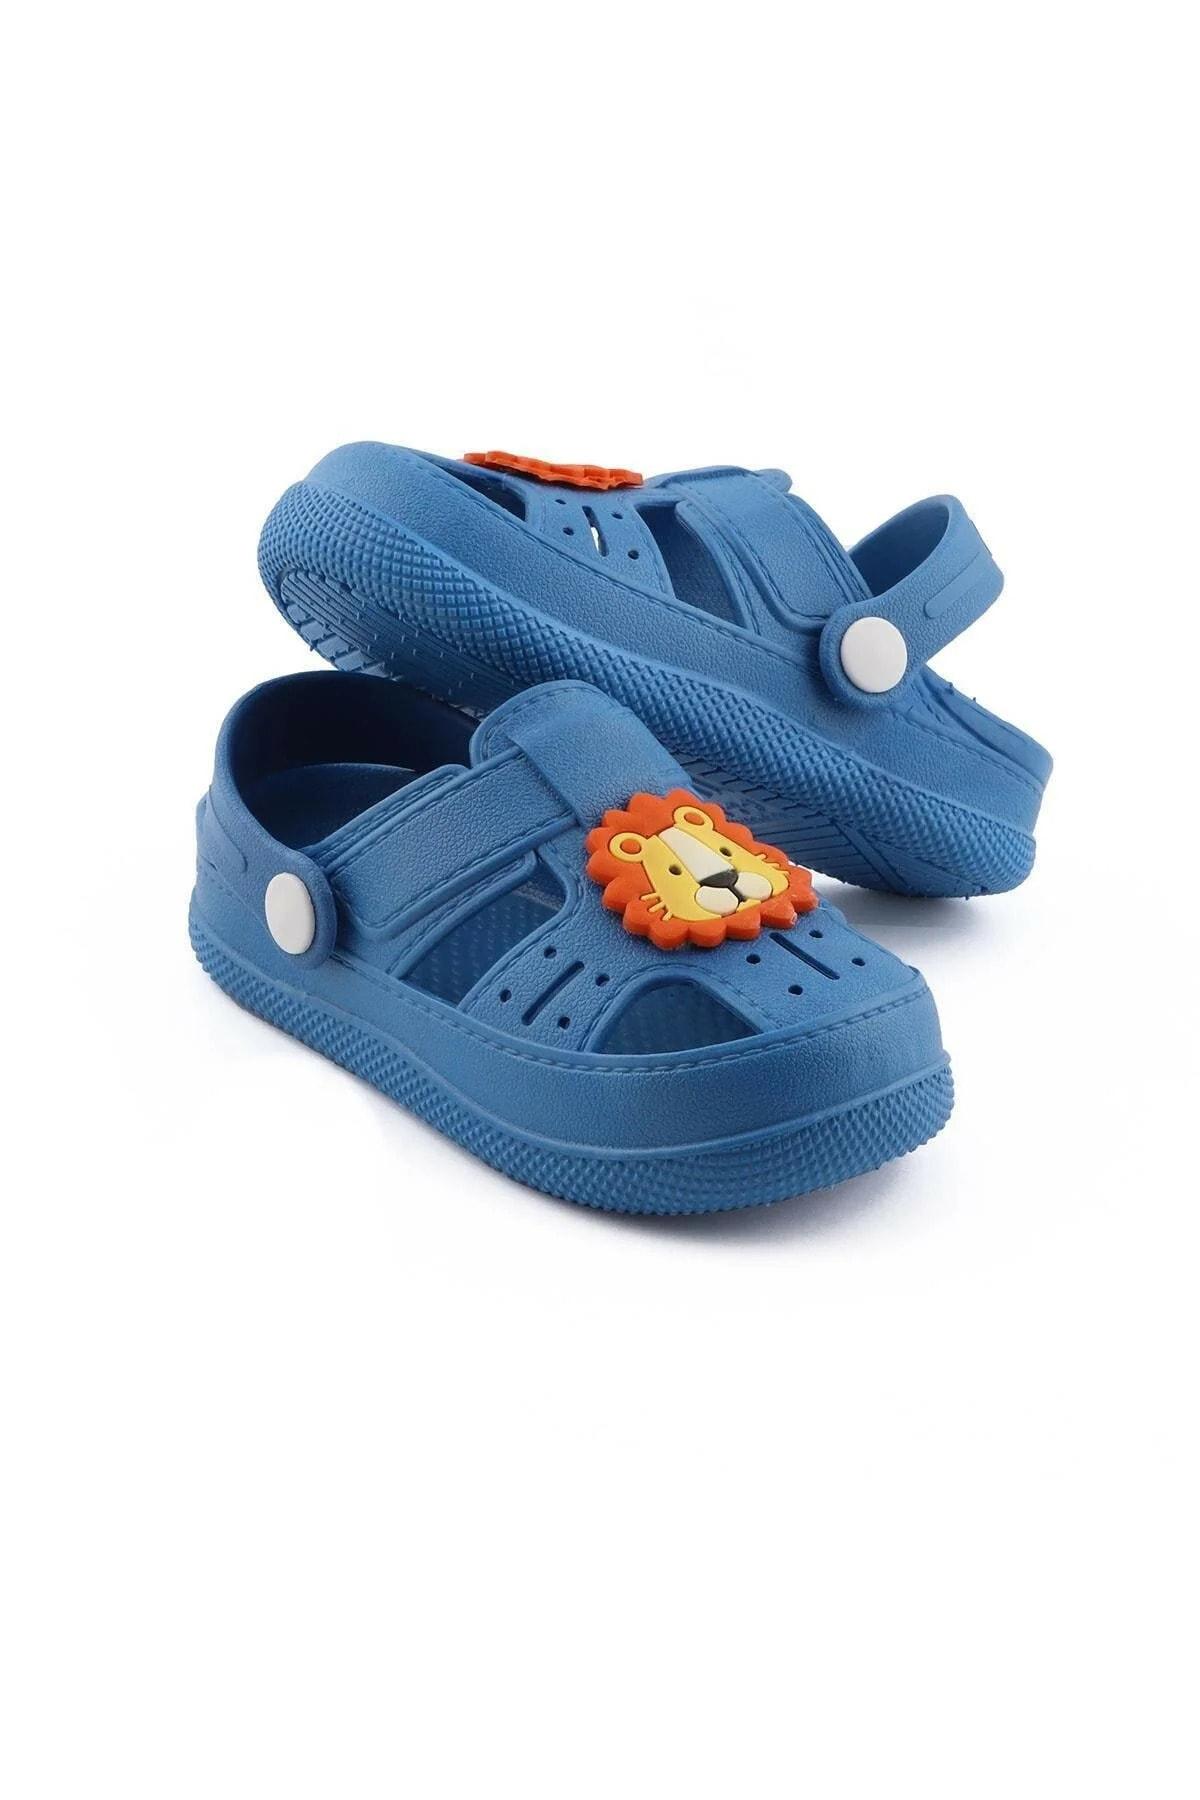 Bk1001 Kaydırmaz Aslan Desenli Çocuk Sandalet Terlik